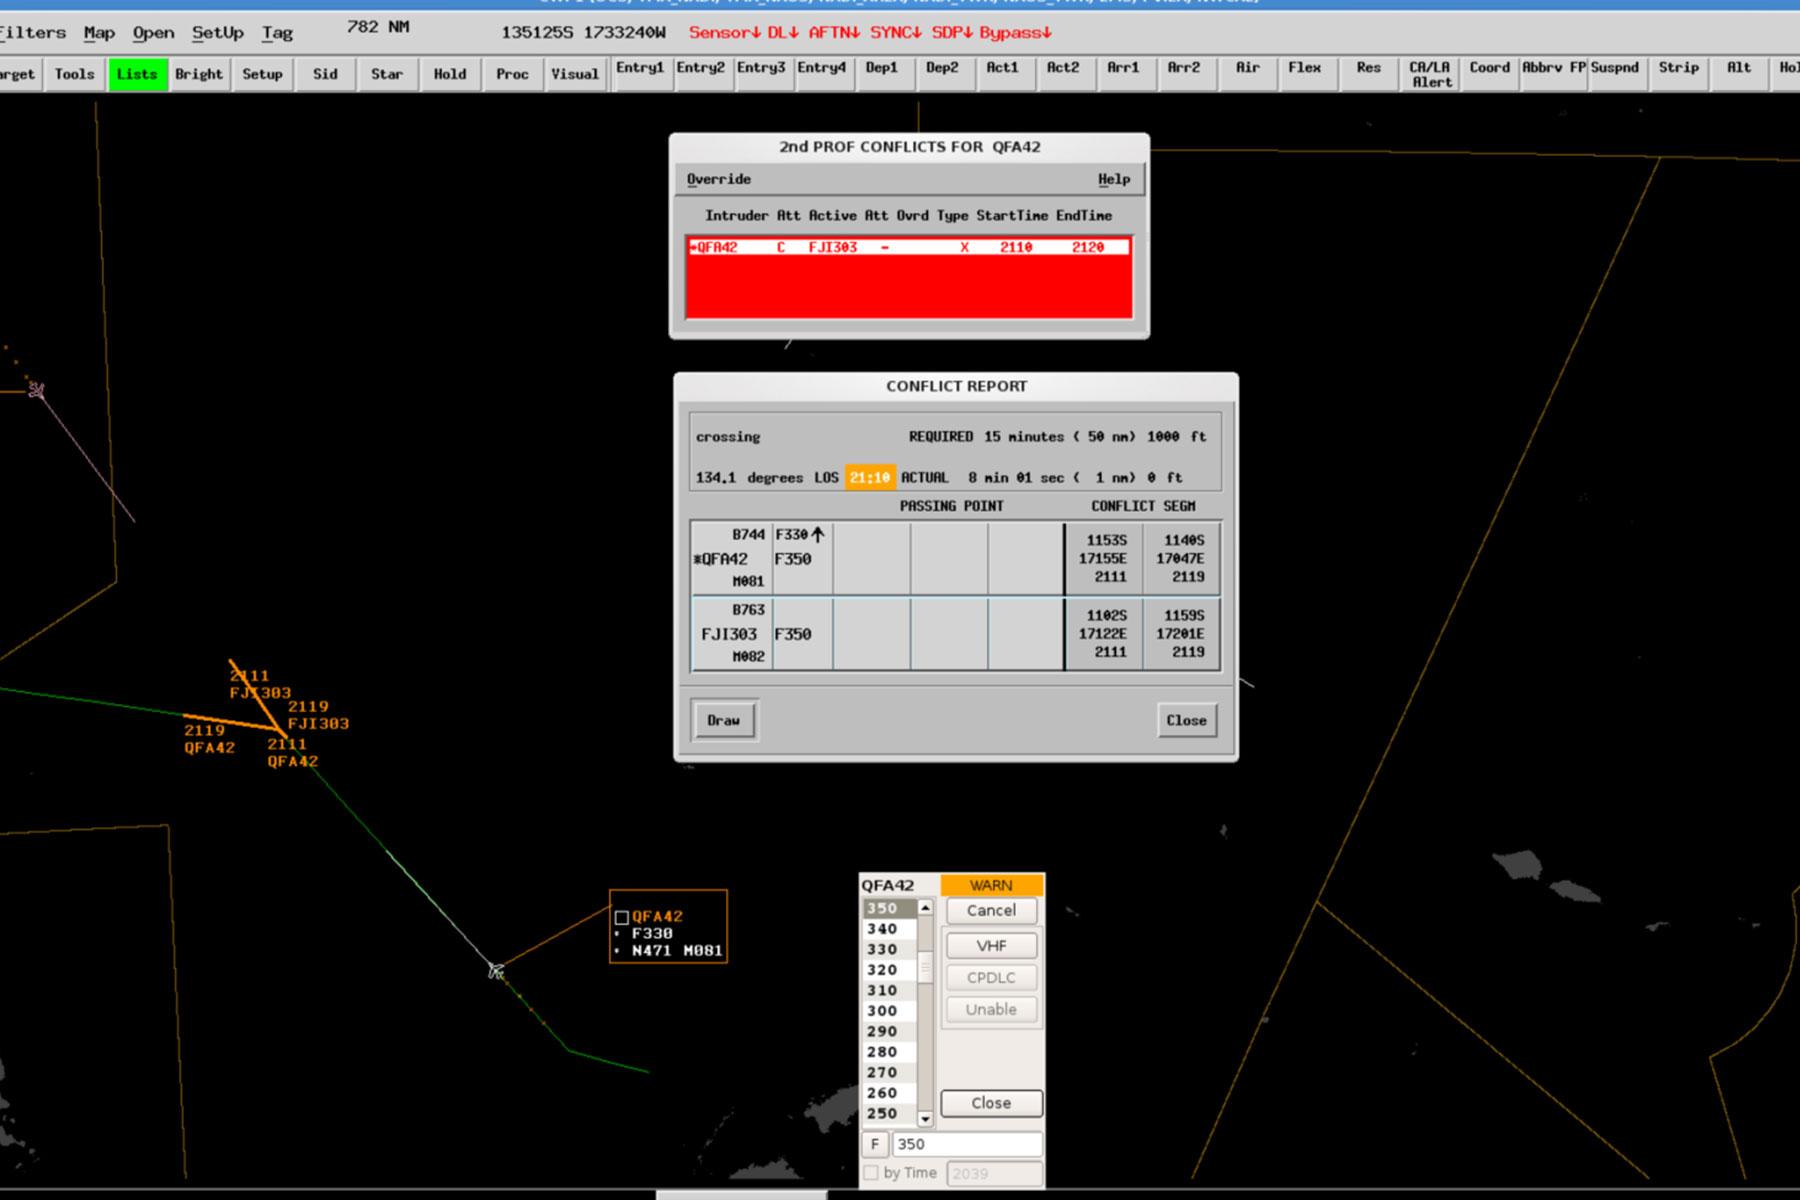 Aurora ATM - Medium-Term Conflict Detection